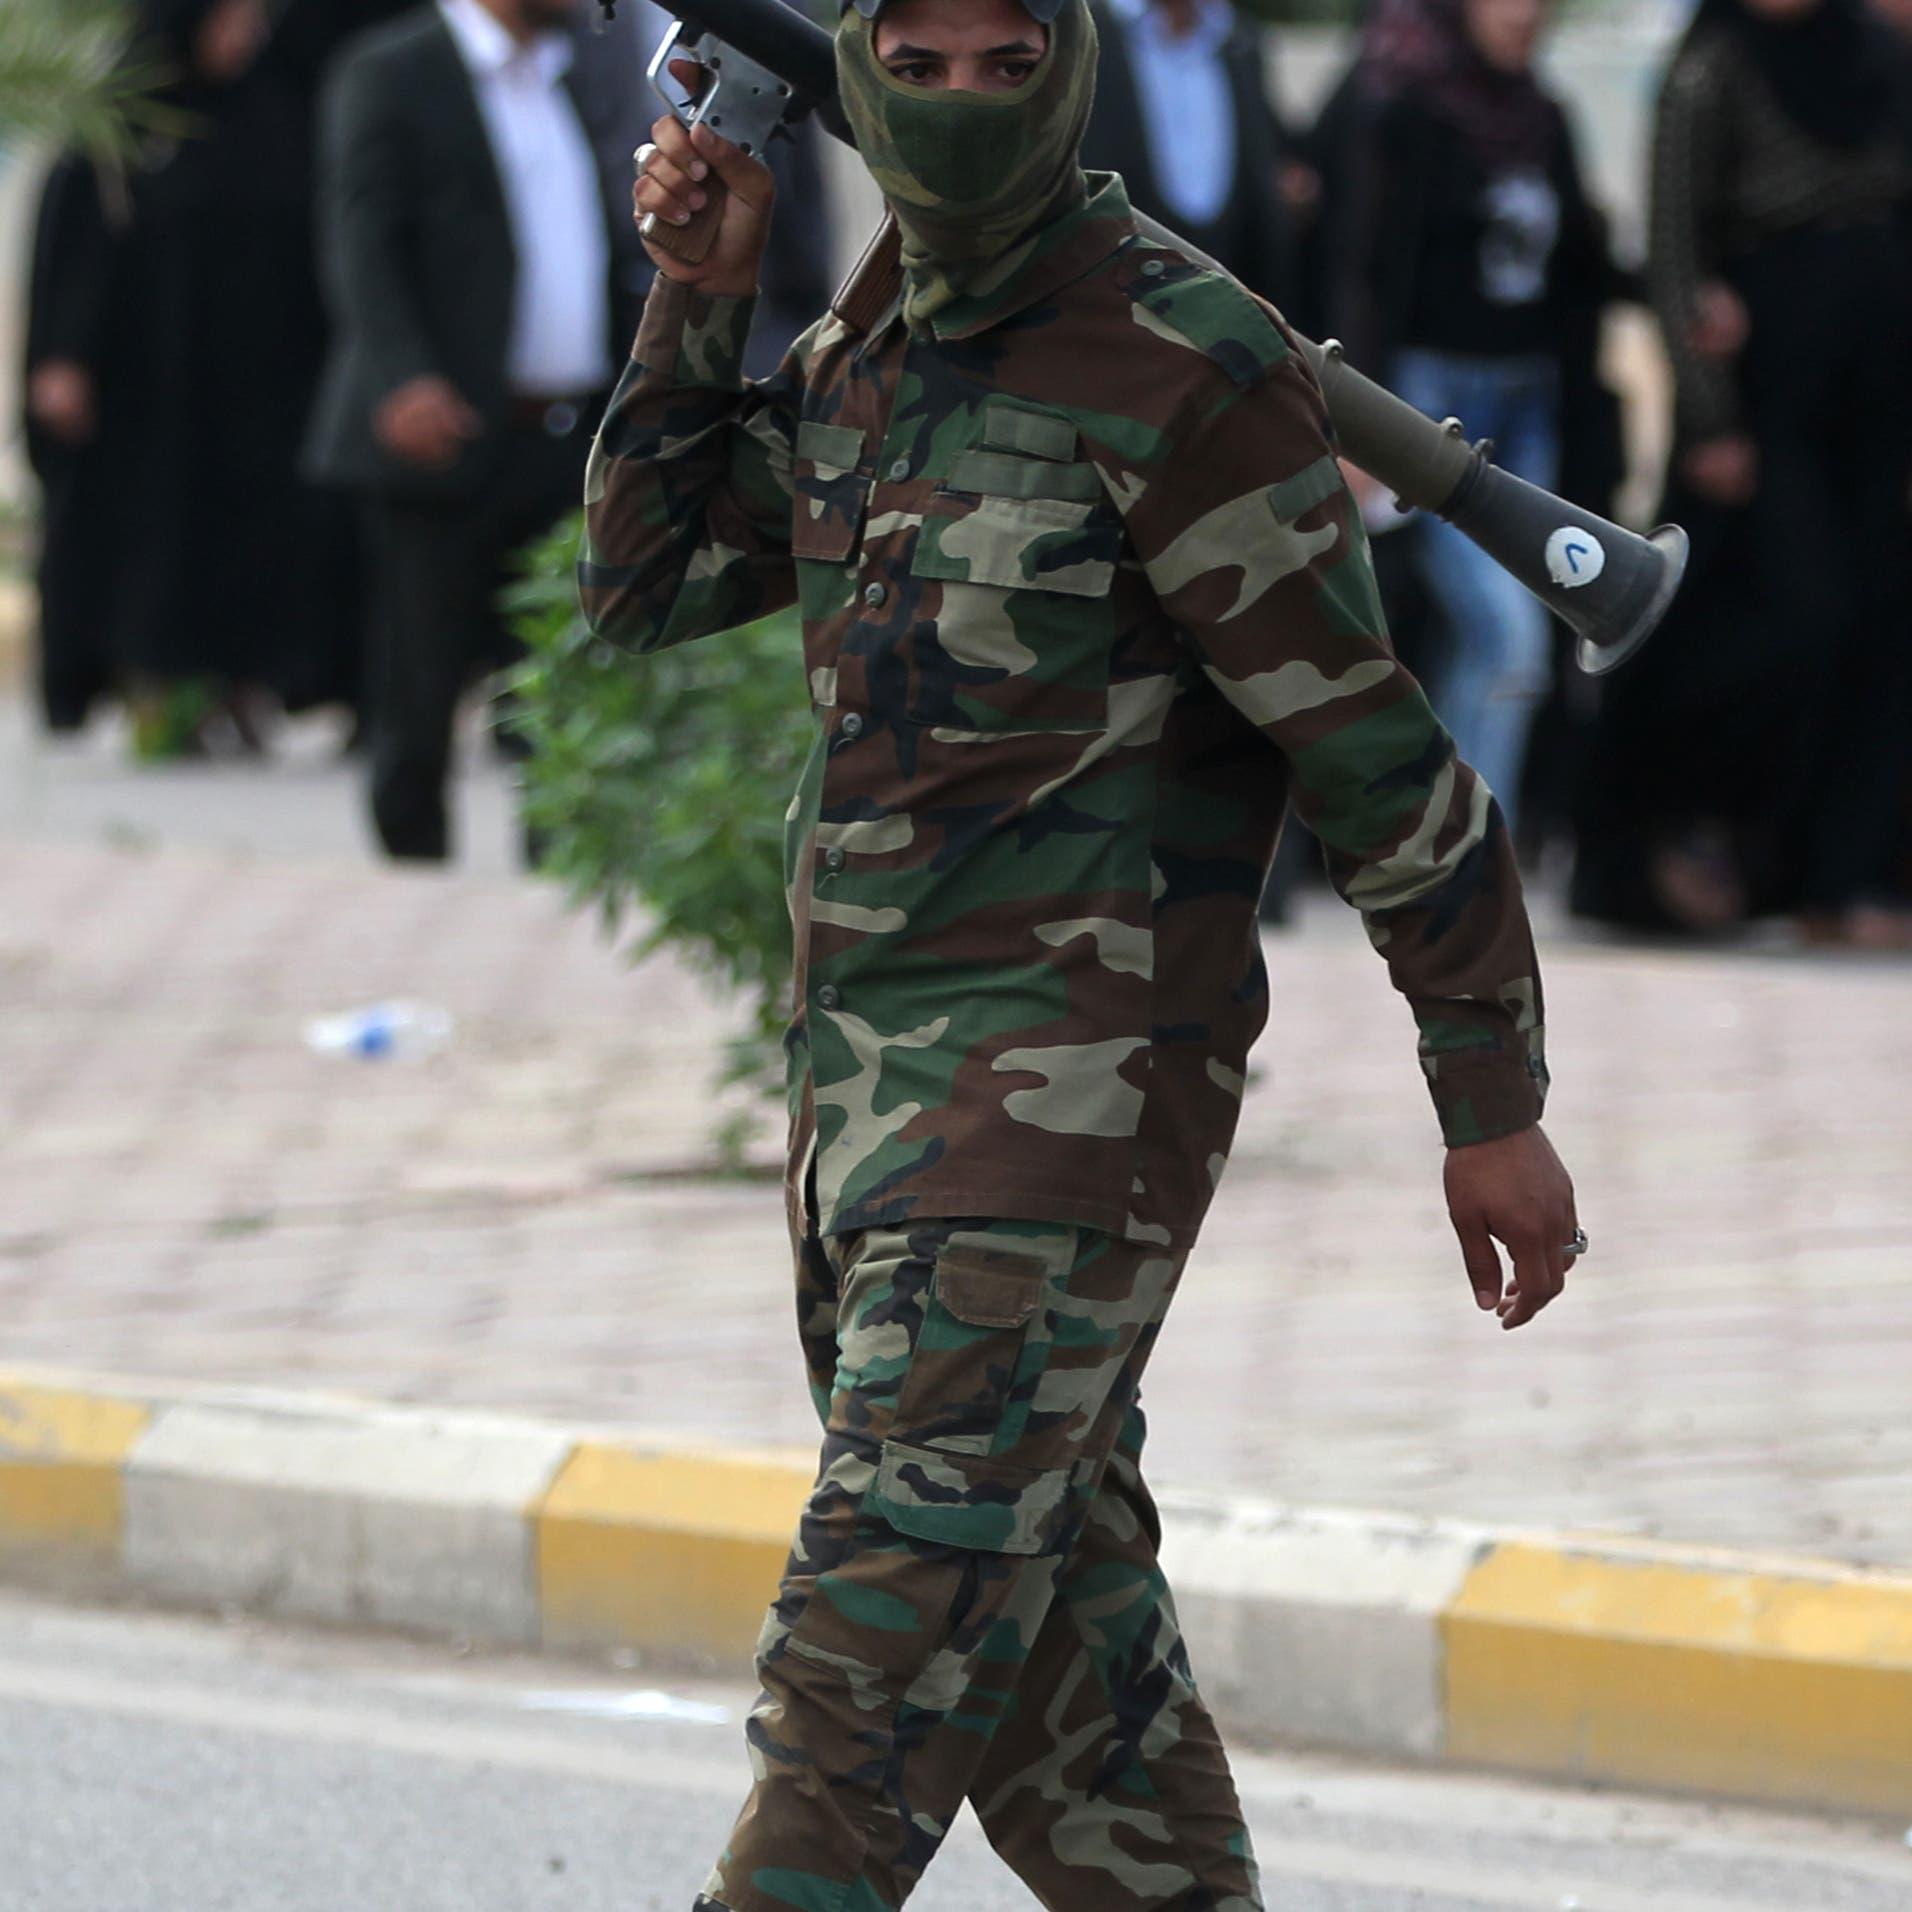 لردع إيران وميليشياتها بالعراق.. خيارات على طاولة ترمب